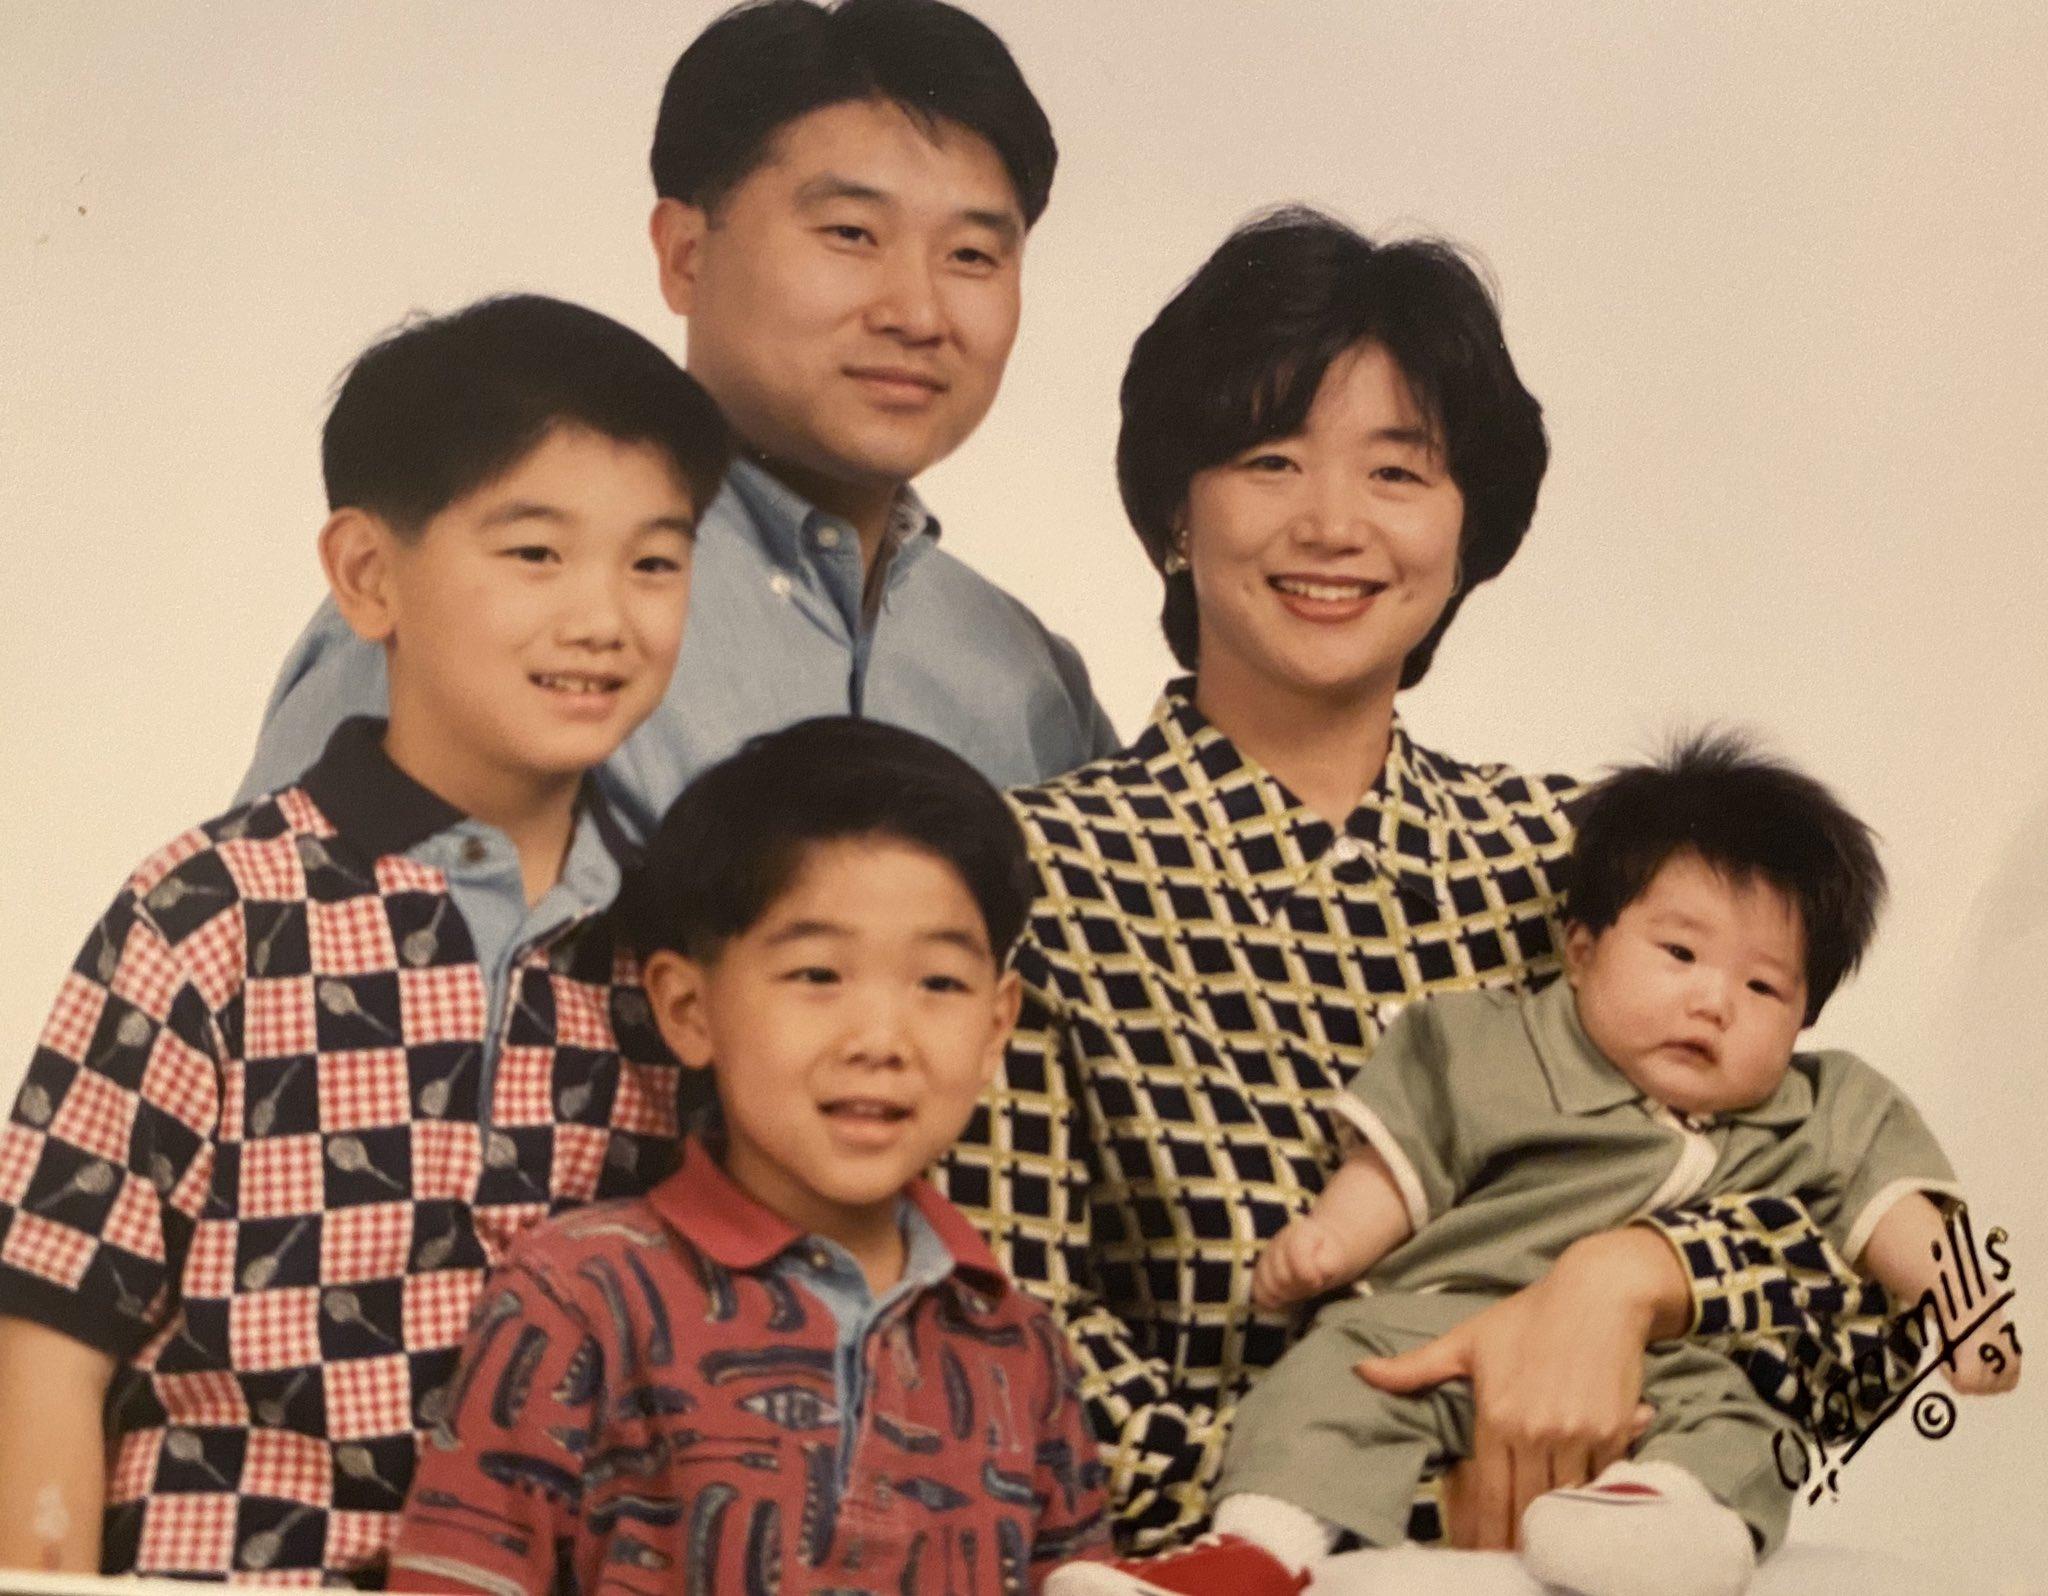 nam family